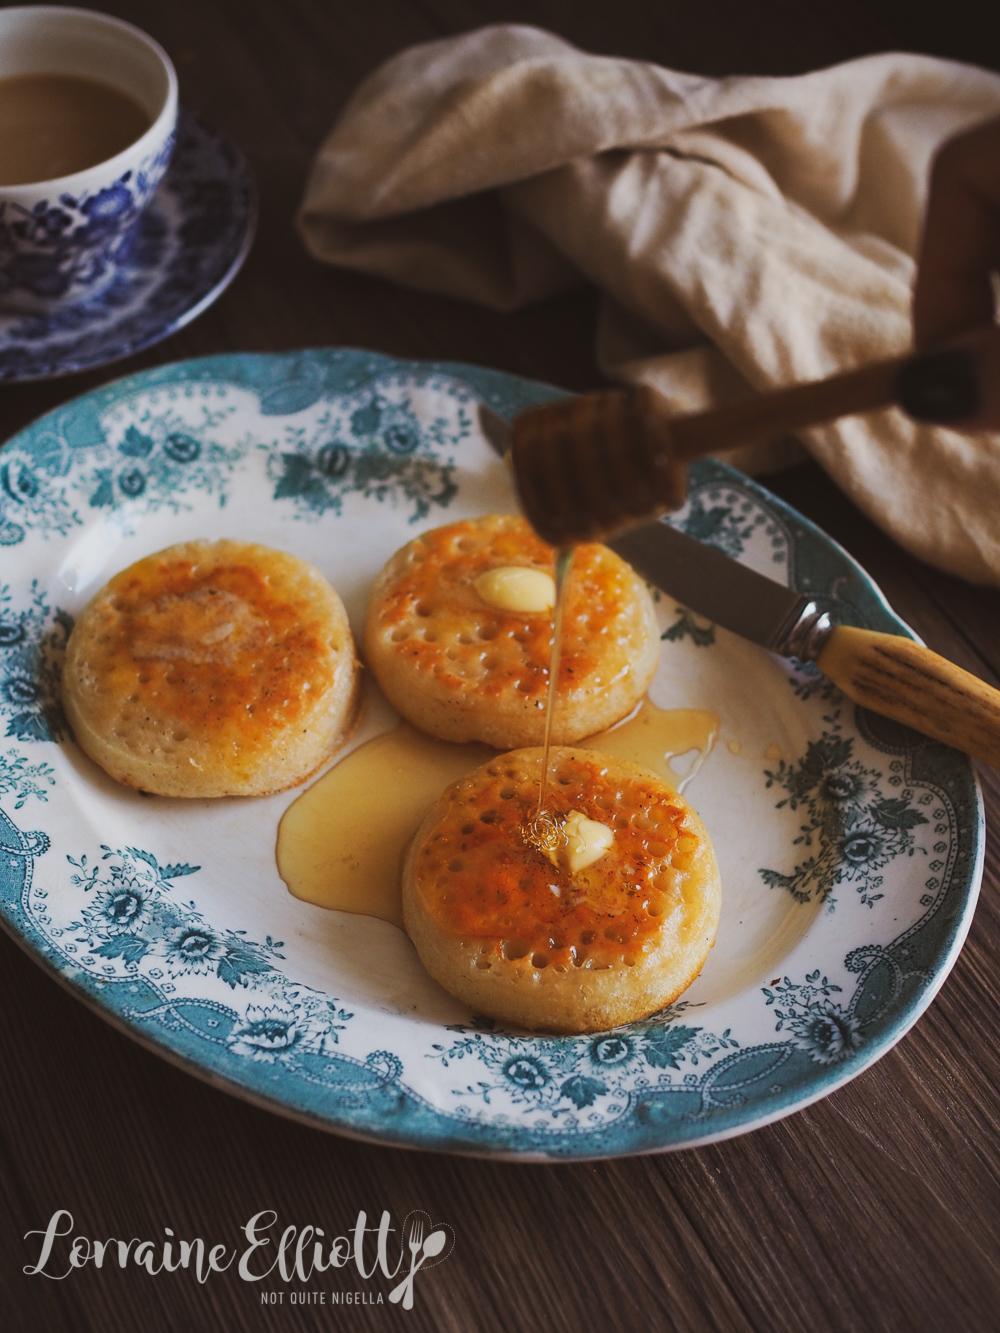 Sourdough Crumpets recipe